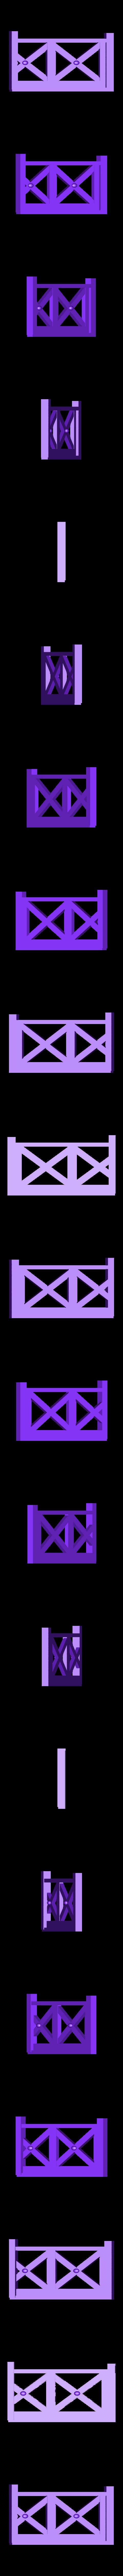 short_guard_rail1.stl Télécharger fichier STL gratuit Ripper's London - The (Modular) Factory • Modèle pour imprimante 3D, Earsling